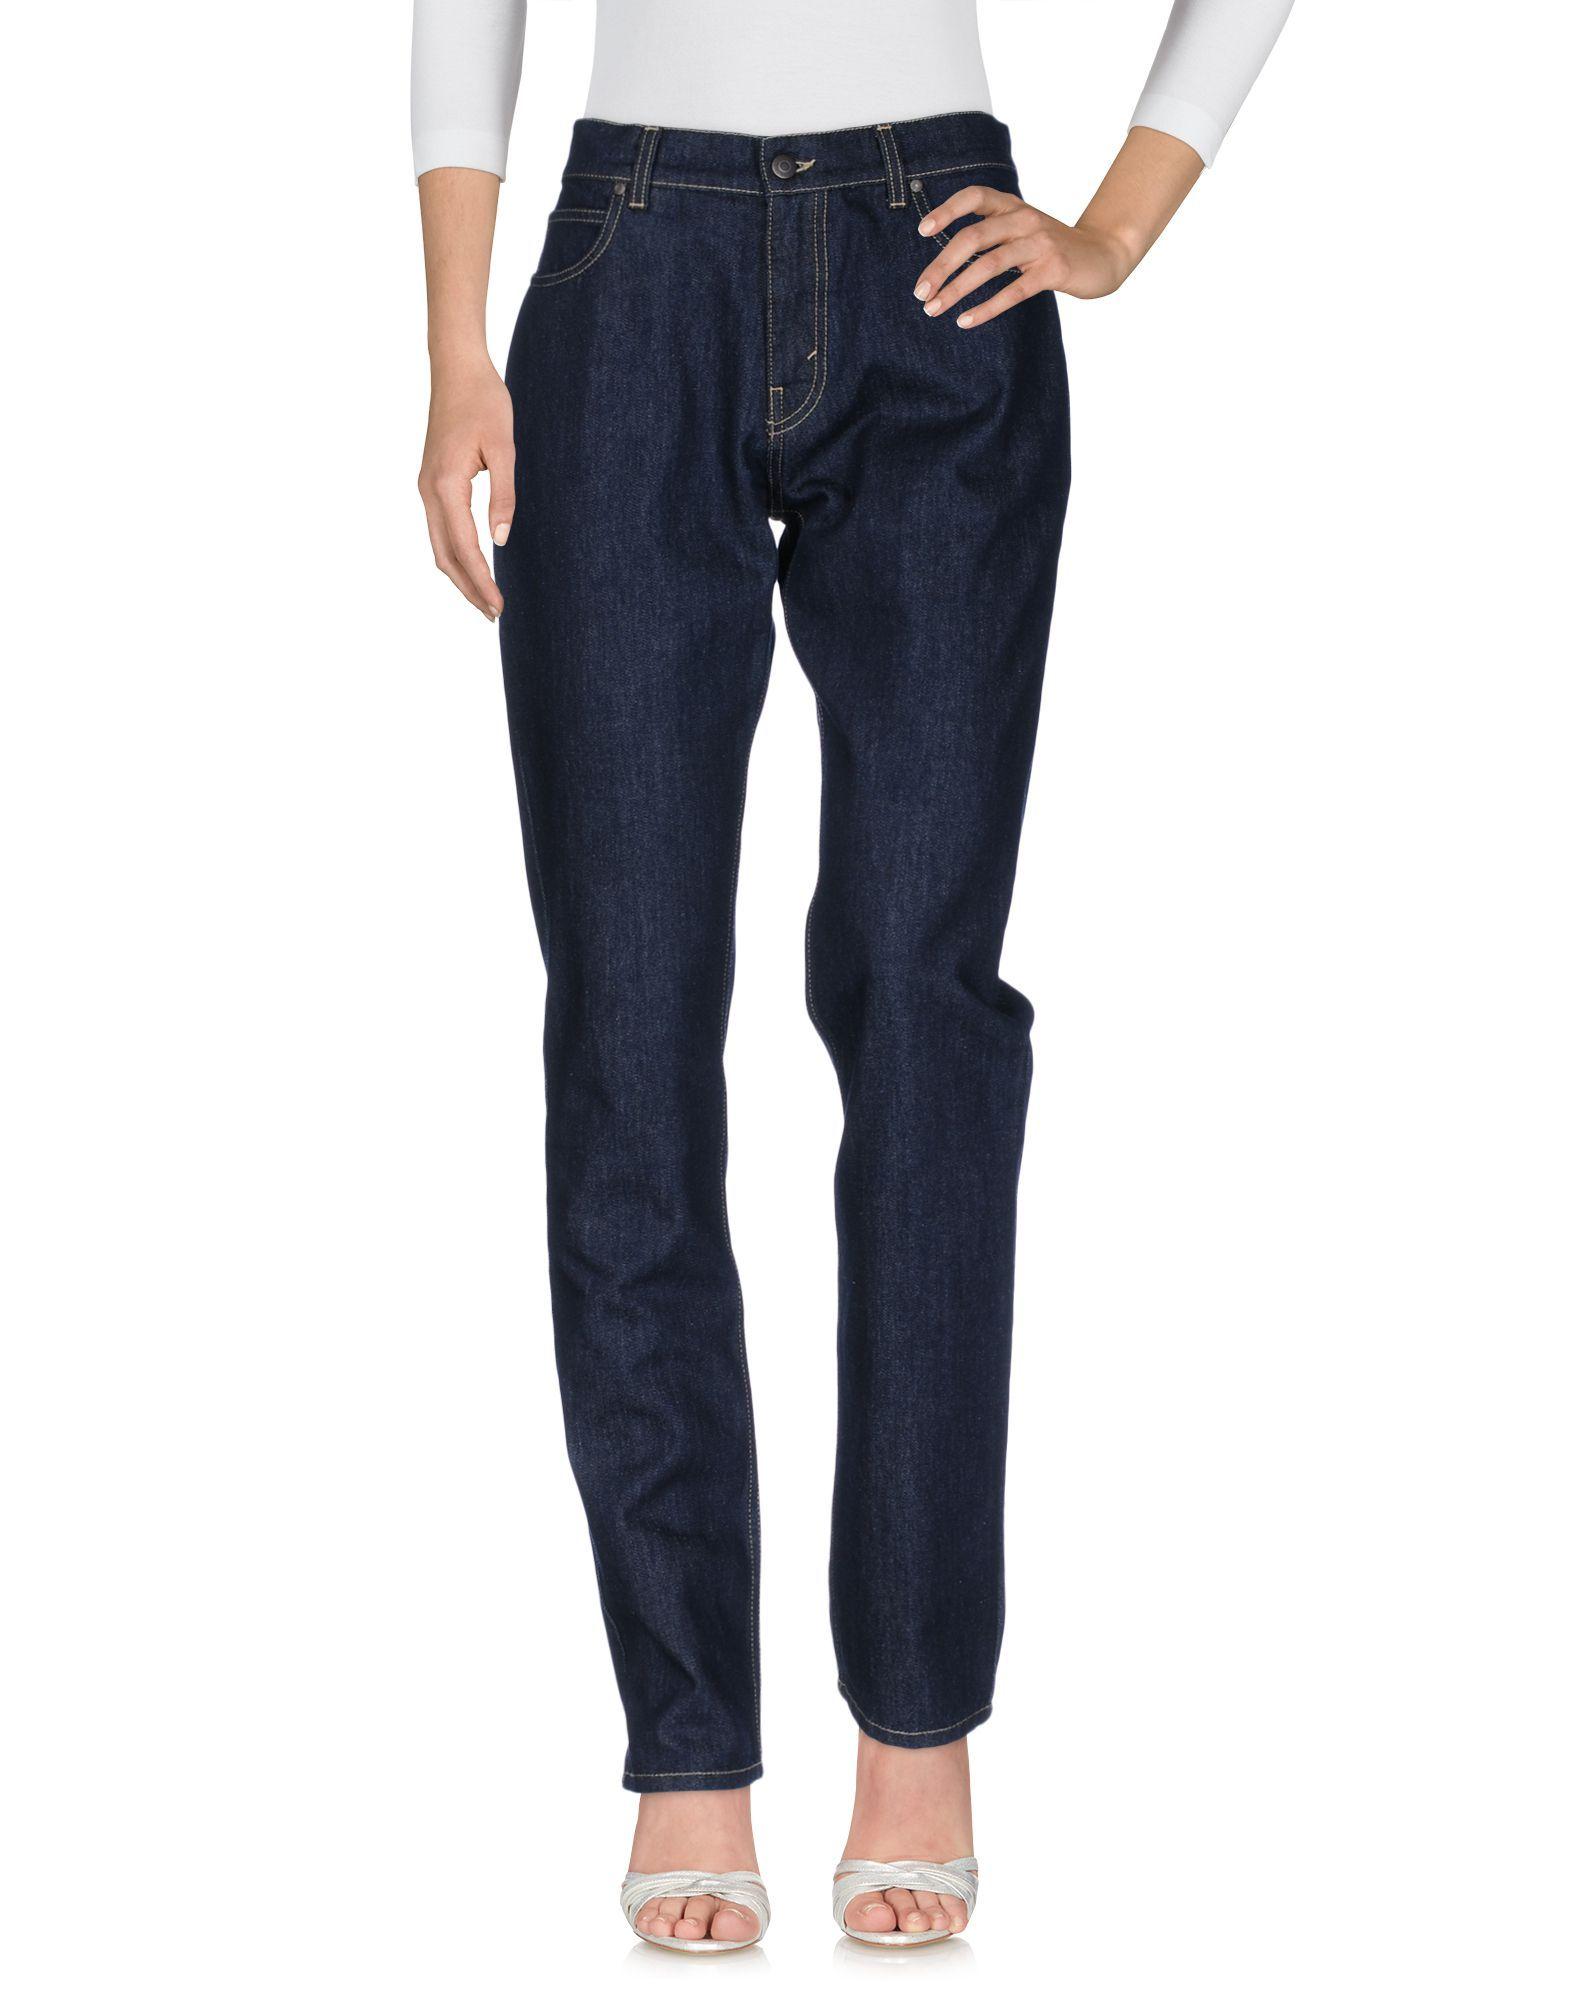 Stella McCartney Blue Cotton Dark Wash Slim Fit Jeans